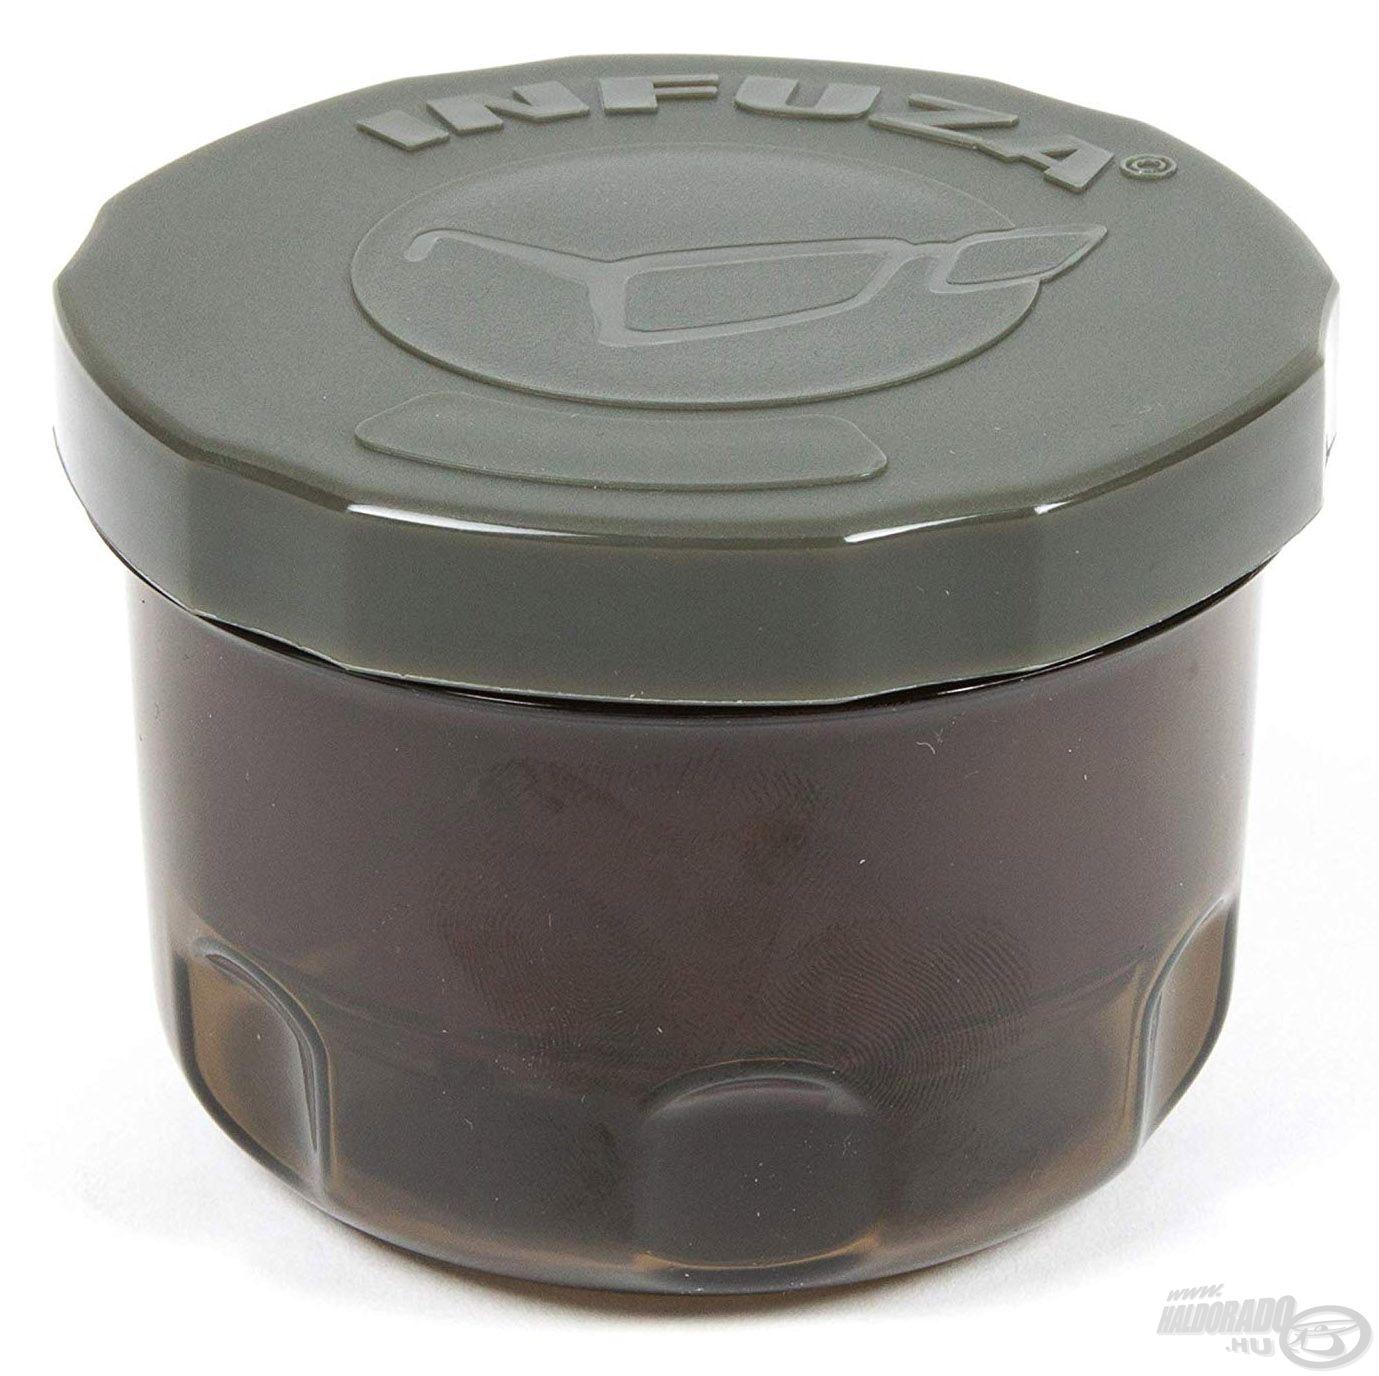 Kivehető belső kosárral rendelkező dipelő tégely, melyből a felesleges aroma le tud csorogni